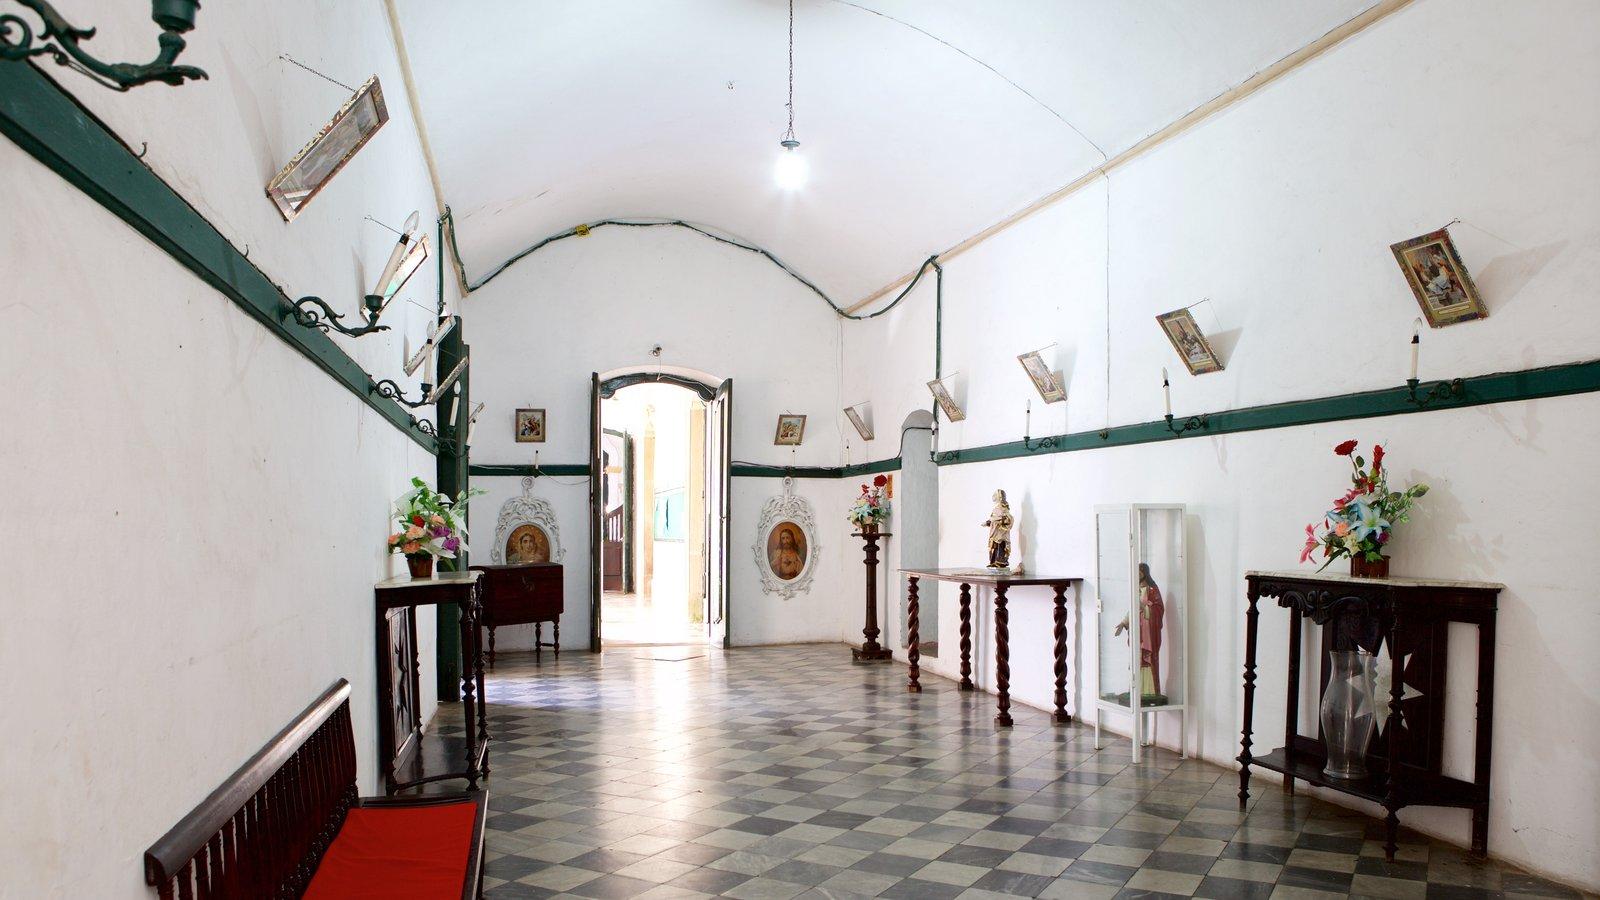 Igreja e Convento de São Francisco de Salvador mostrando vistas internas, uma igreja ou catedral e elementos religiosos